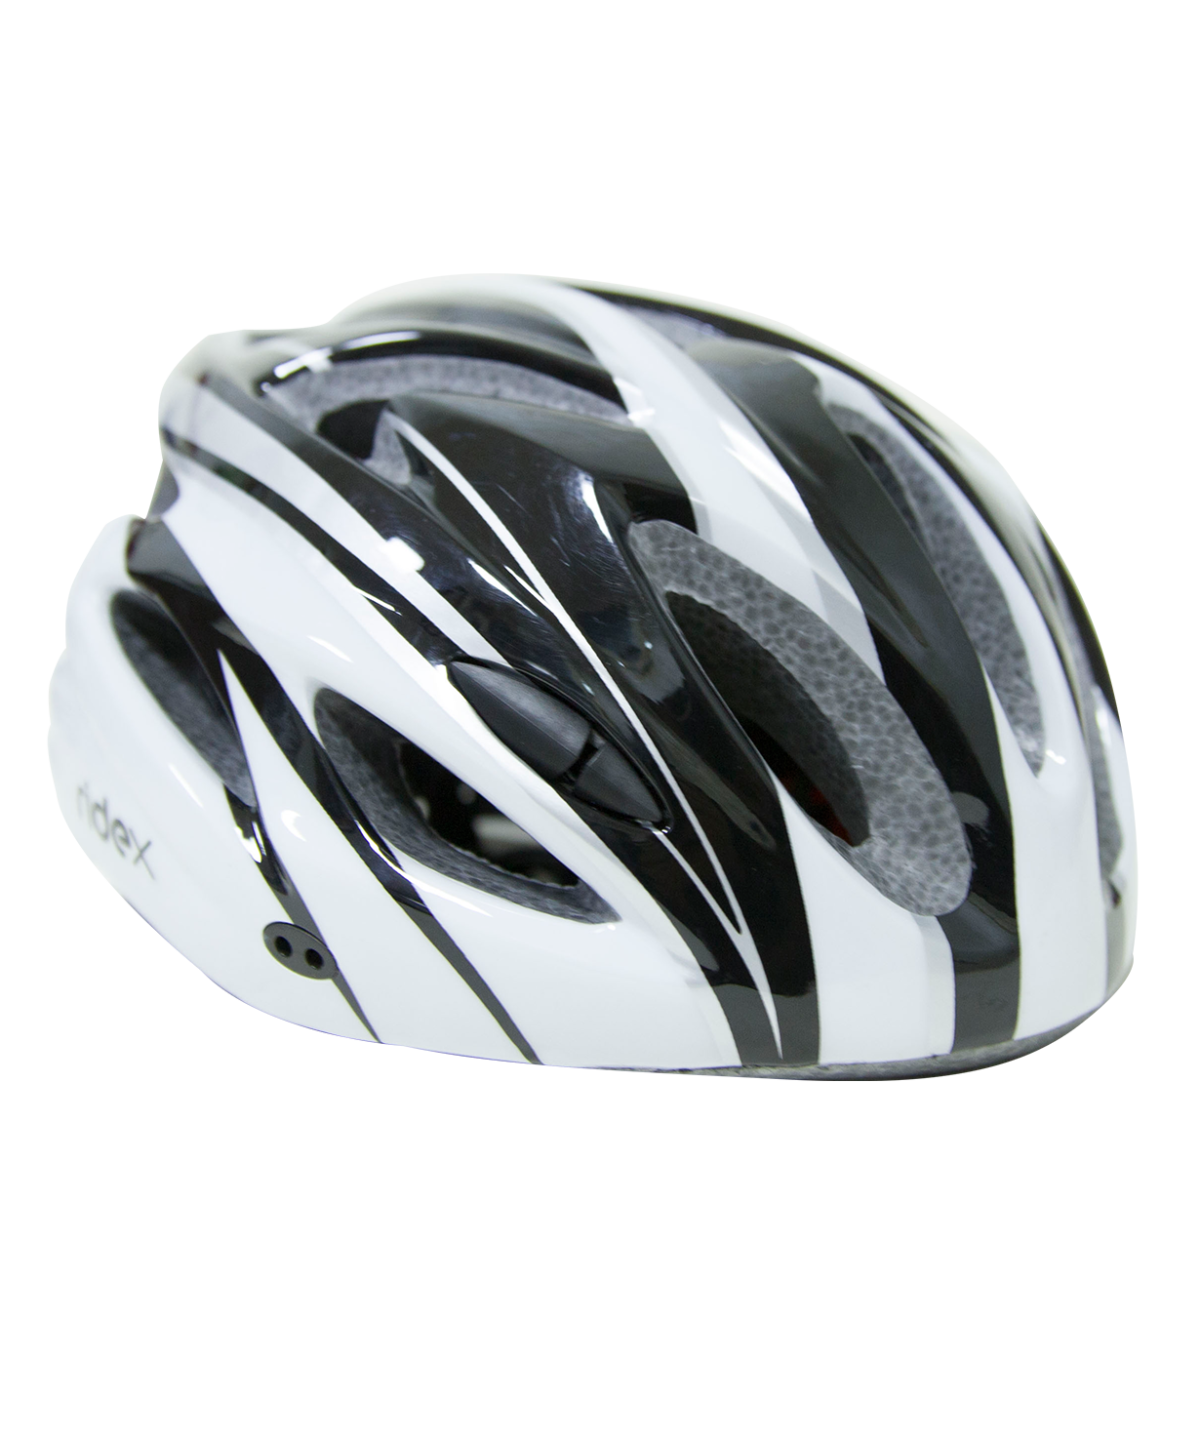 RIDEX Шлем защитный Carbon: чёрный - 1